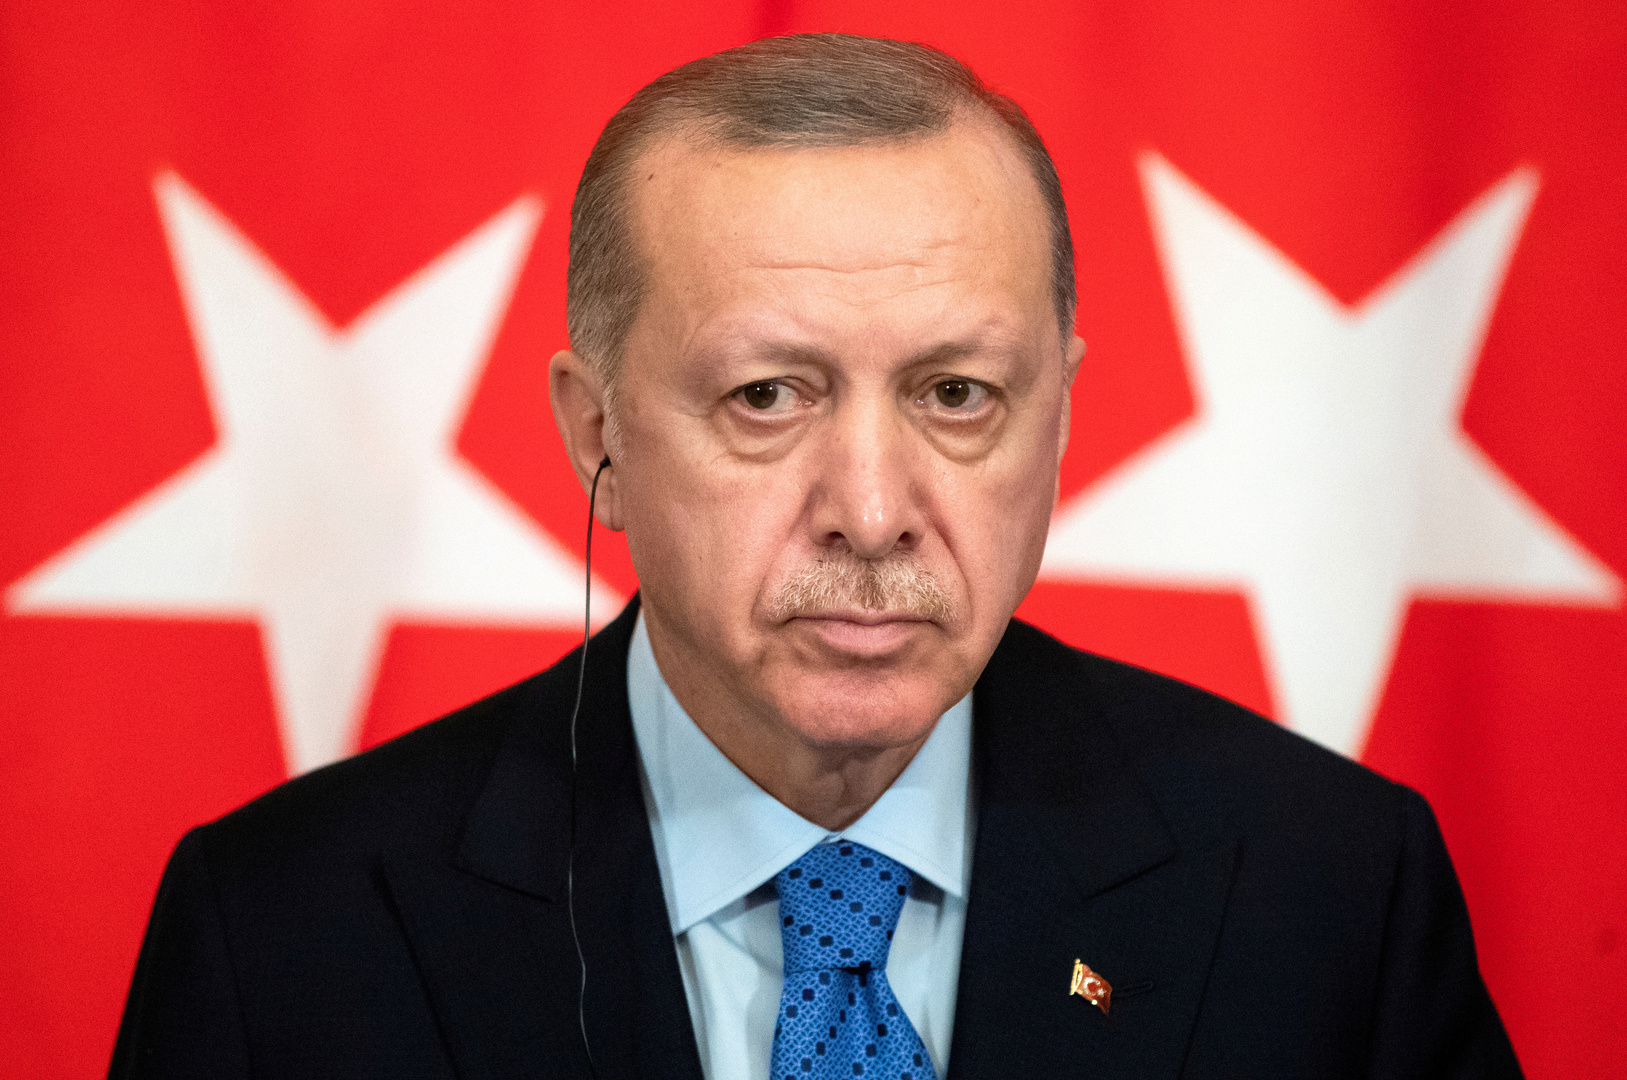 أردوغان يتهم الاتحاد الأوروبي بضيق الأفق